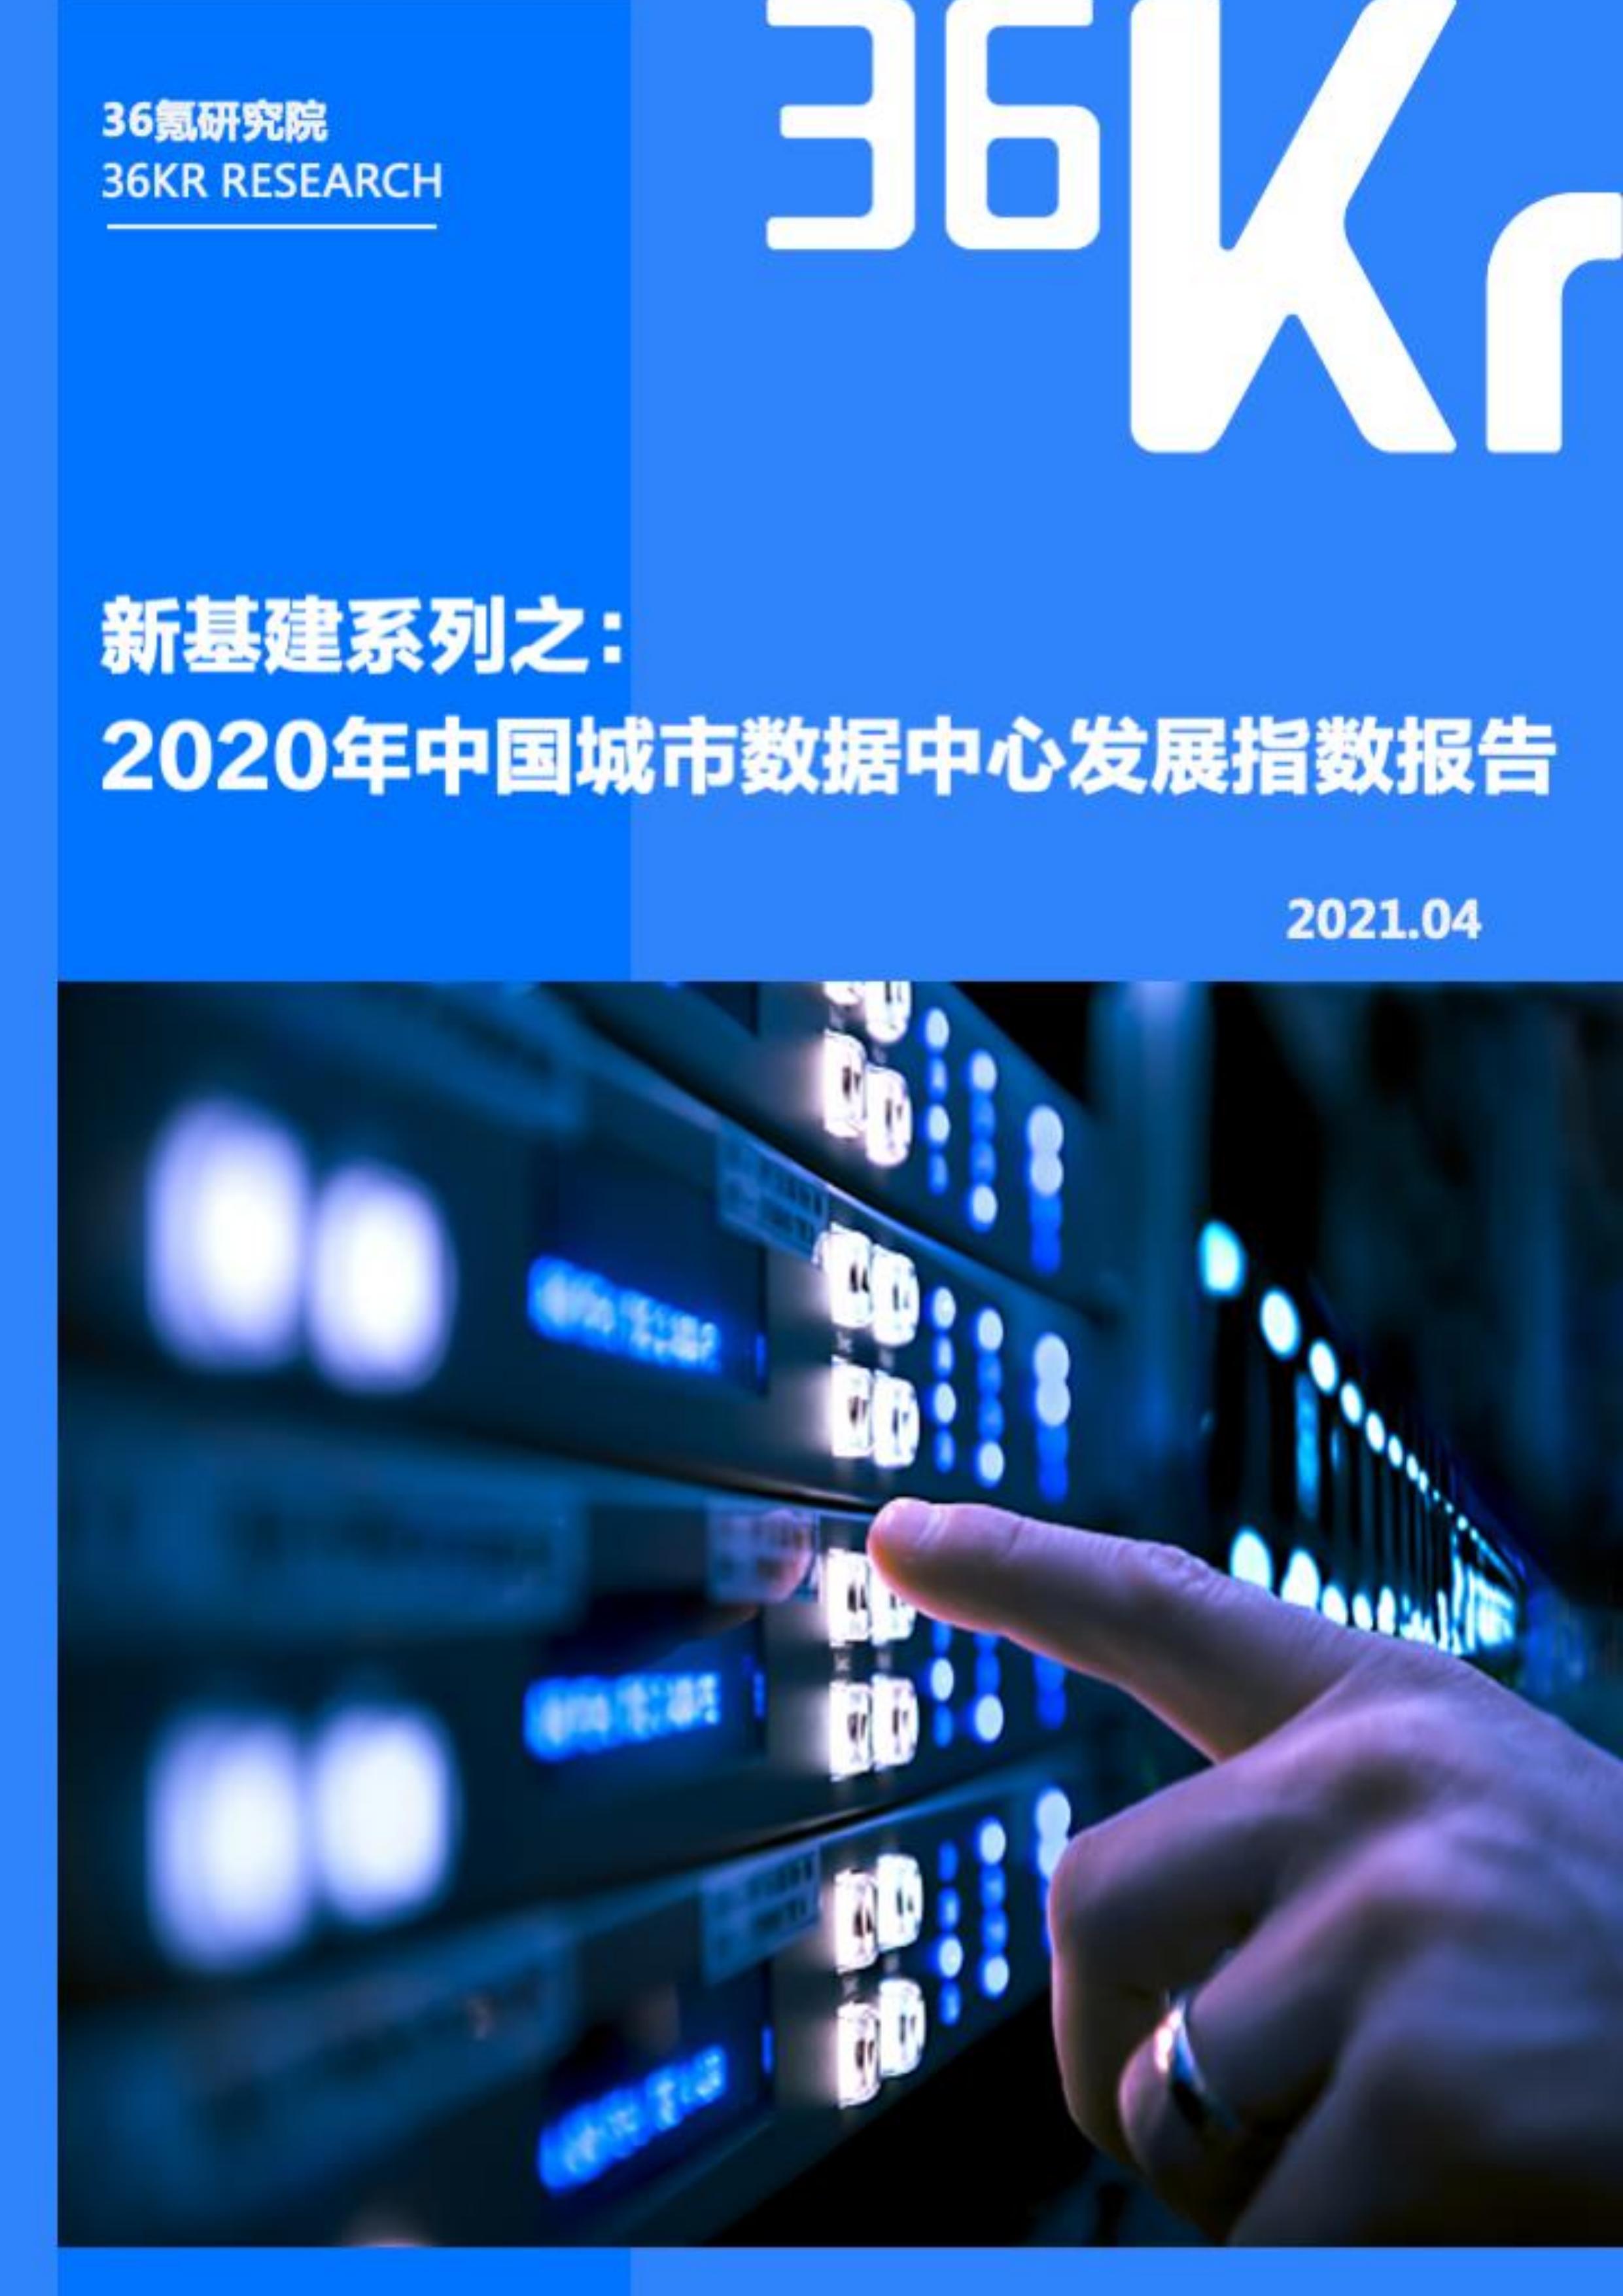 36氪研究院 - 新基建系列之:2020年中国城市数据中心发展指数报告-大菠萝官网(图12)